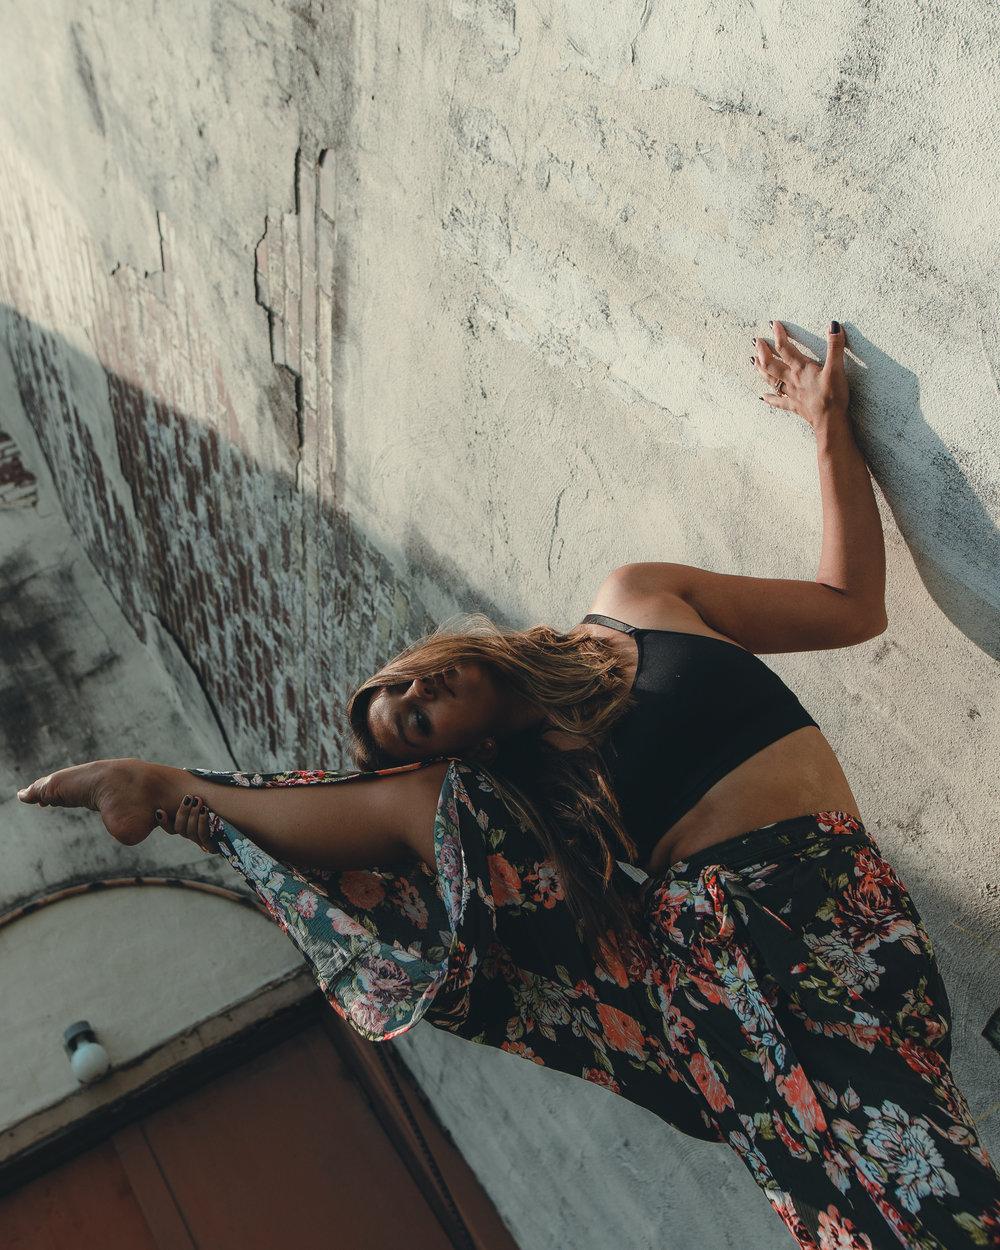 Stephanie Longo by Slater Goodson